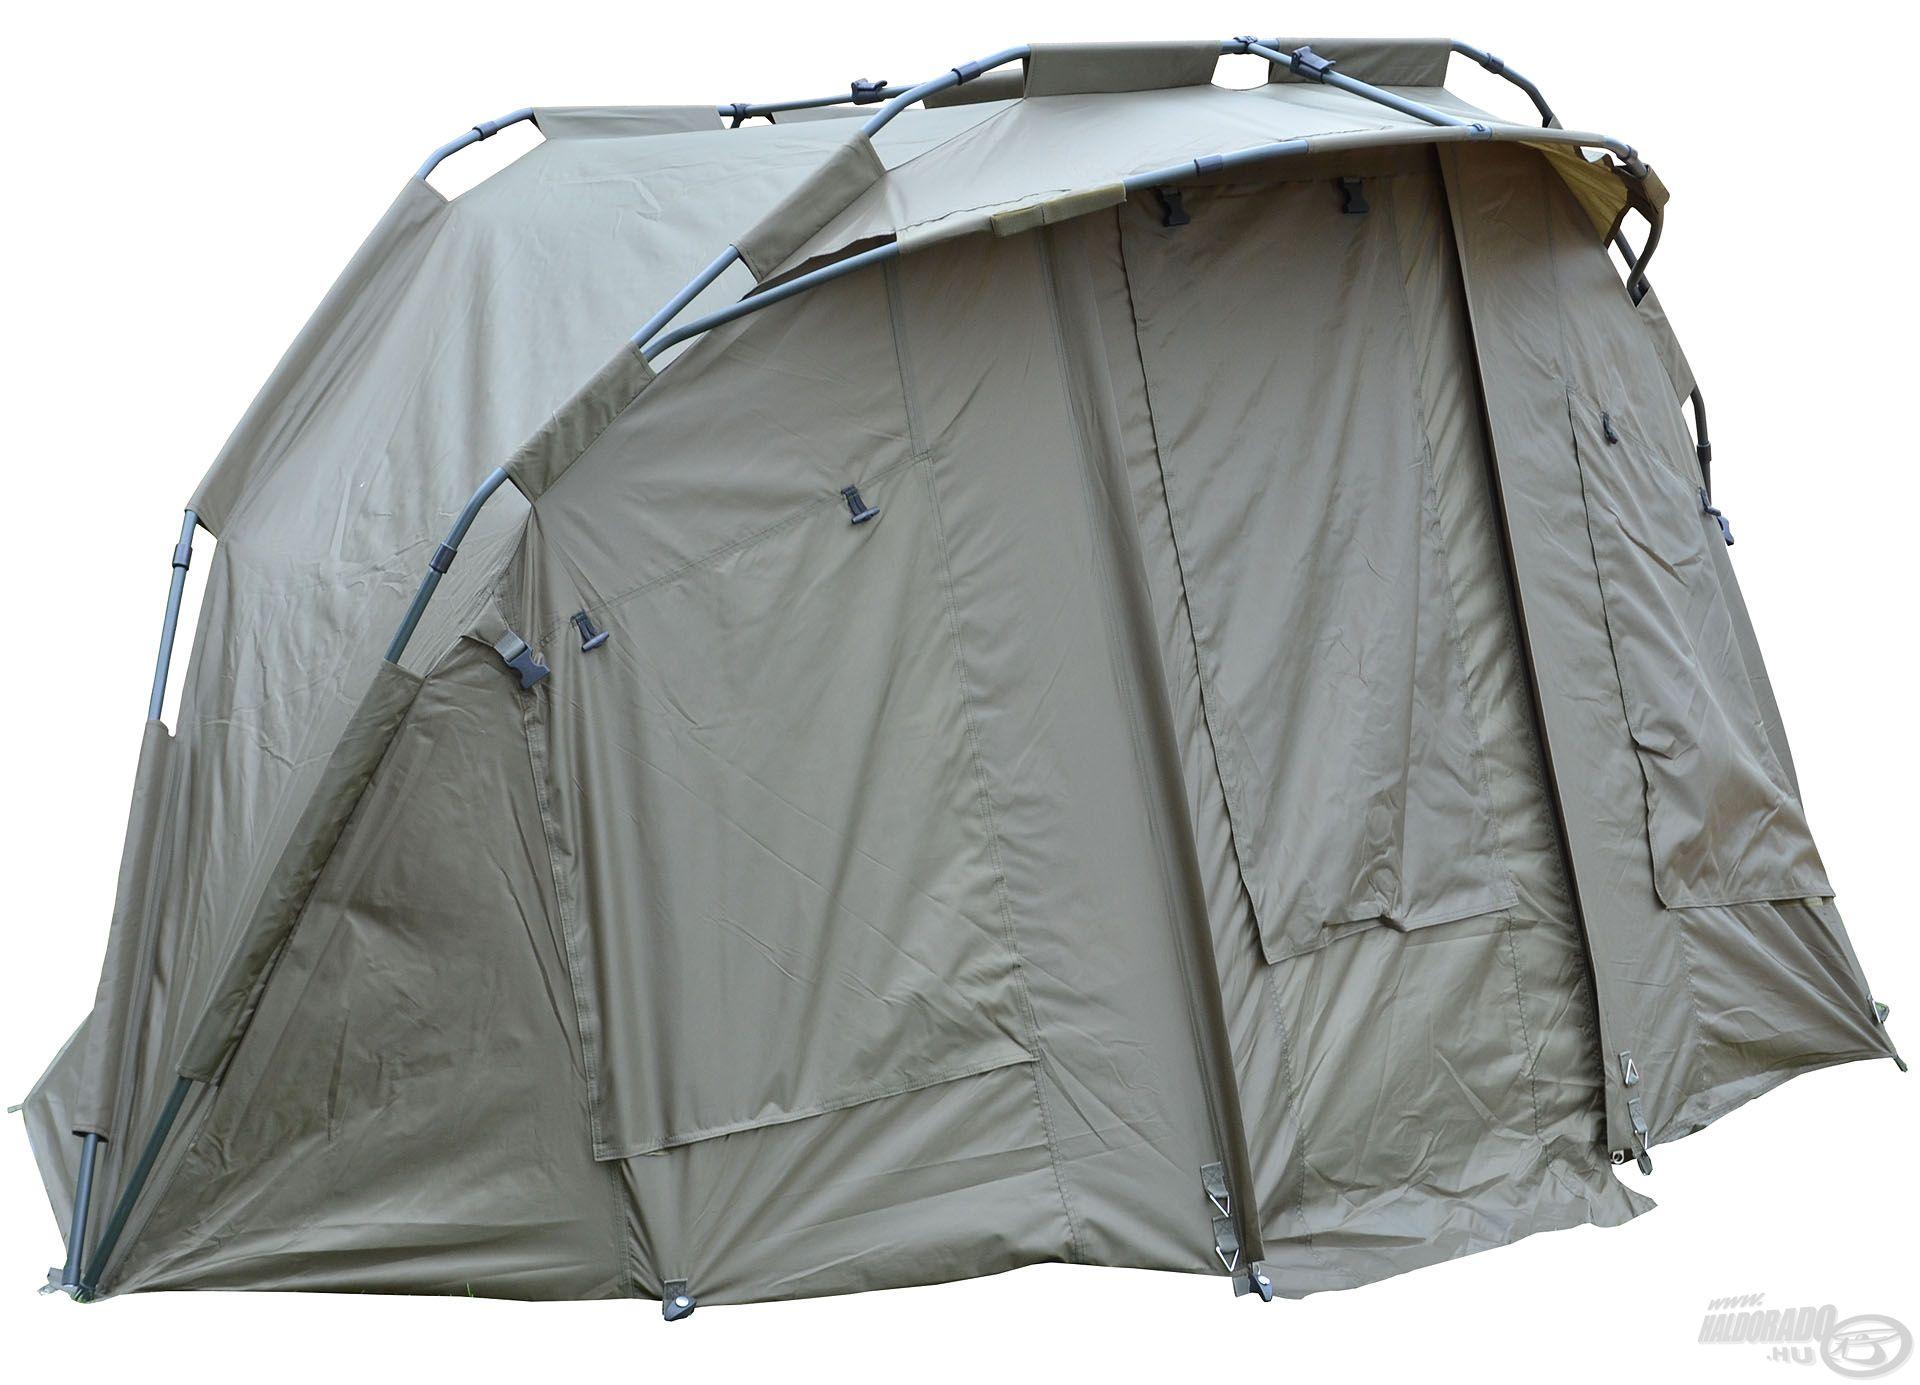 A sátor elején lévő szúnyoghálós szellőző ablakok természetesen külön-külön nyithatók és zárhatók